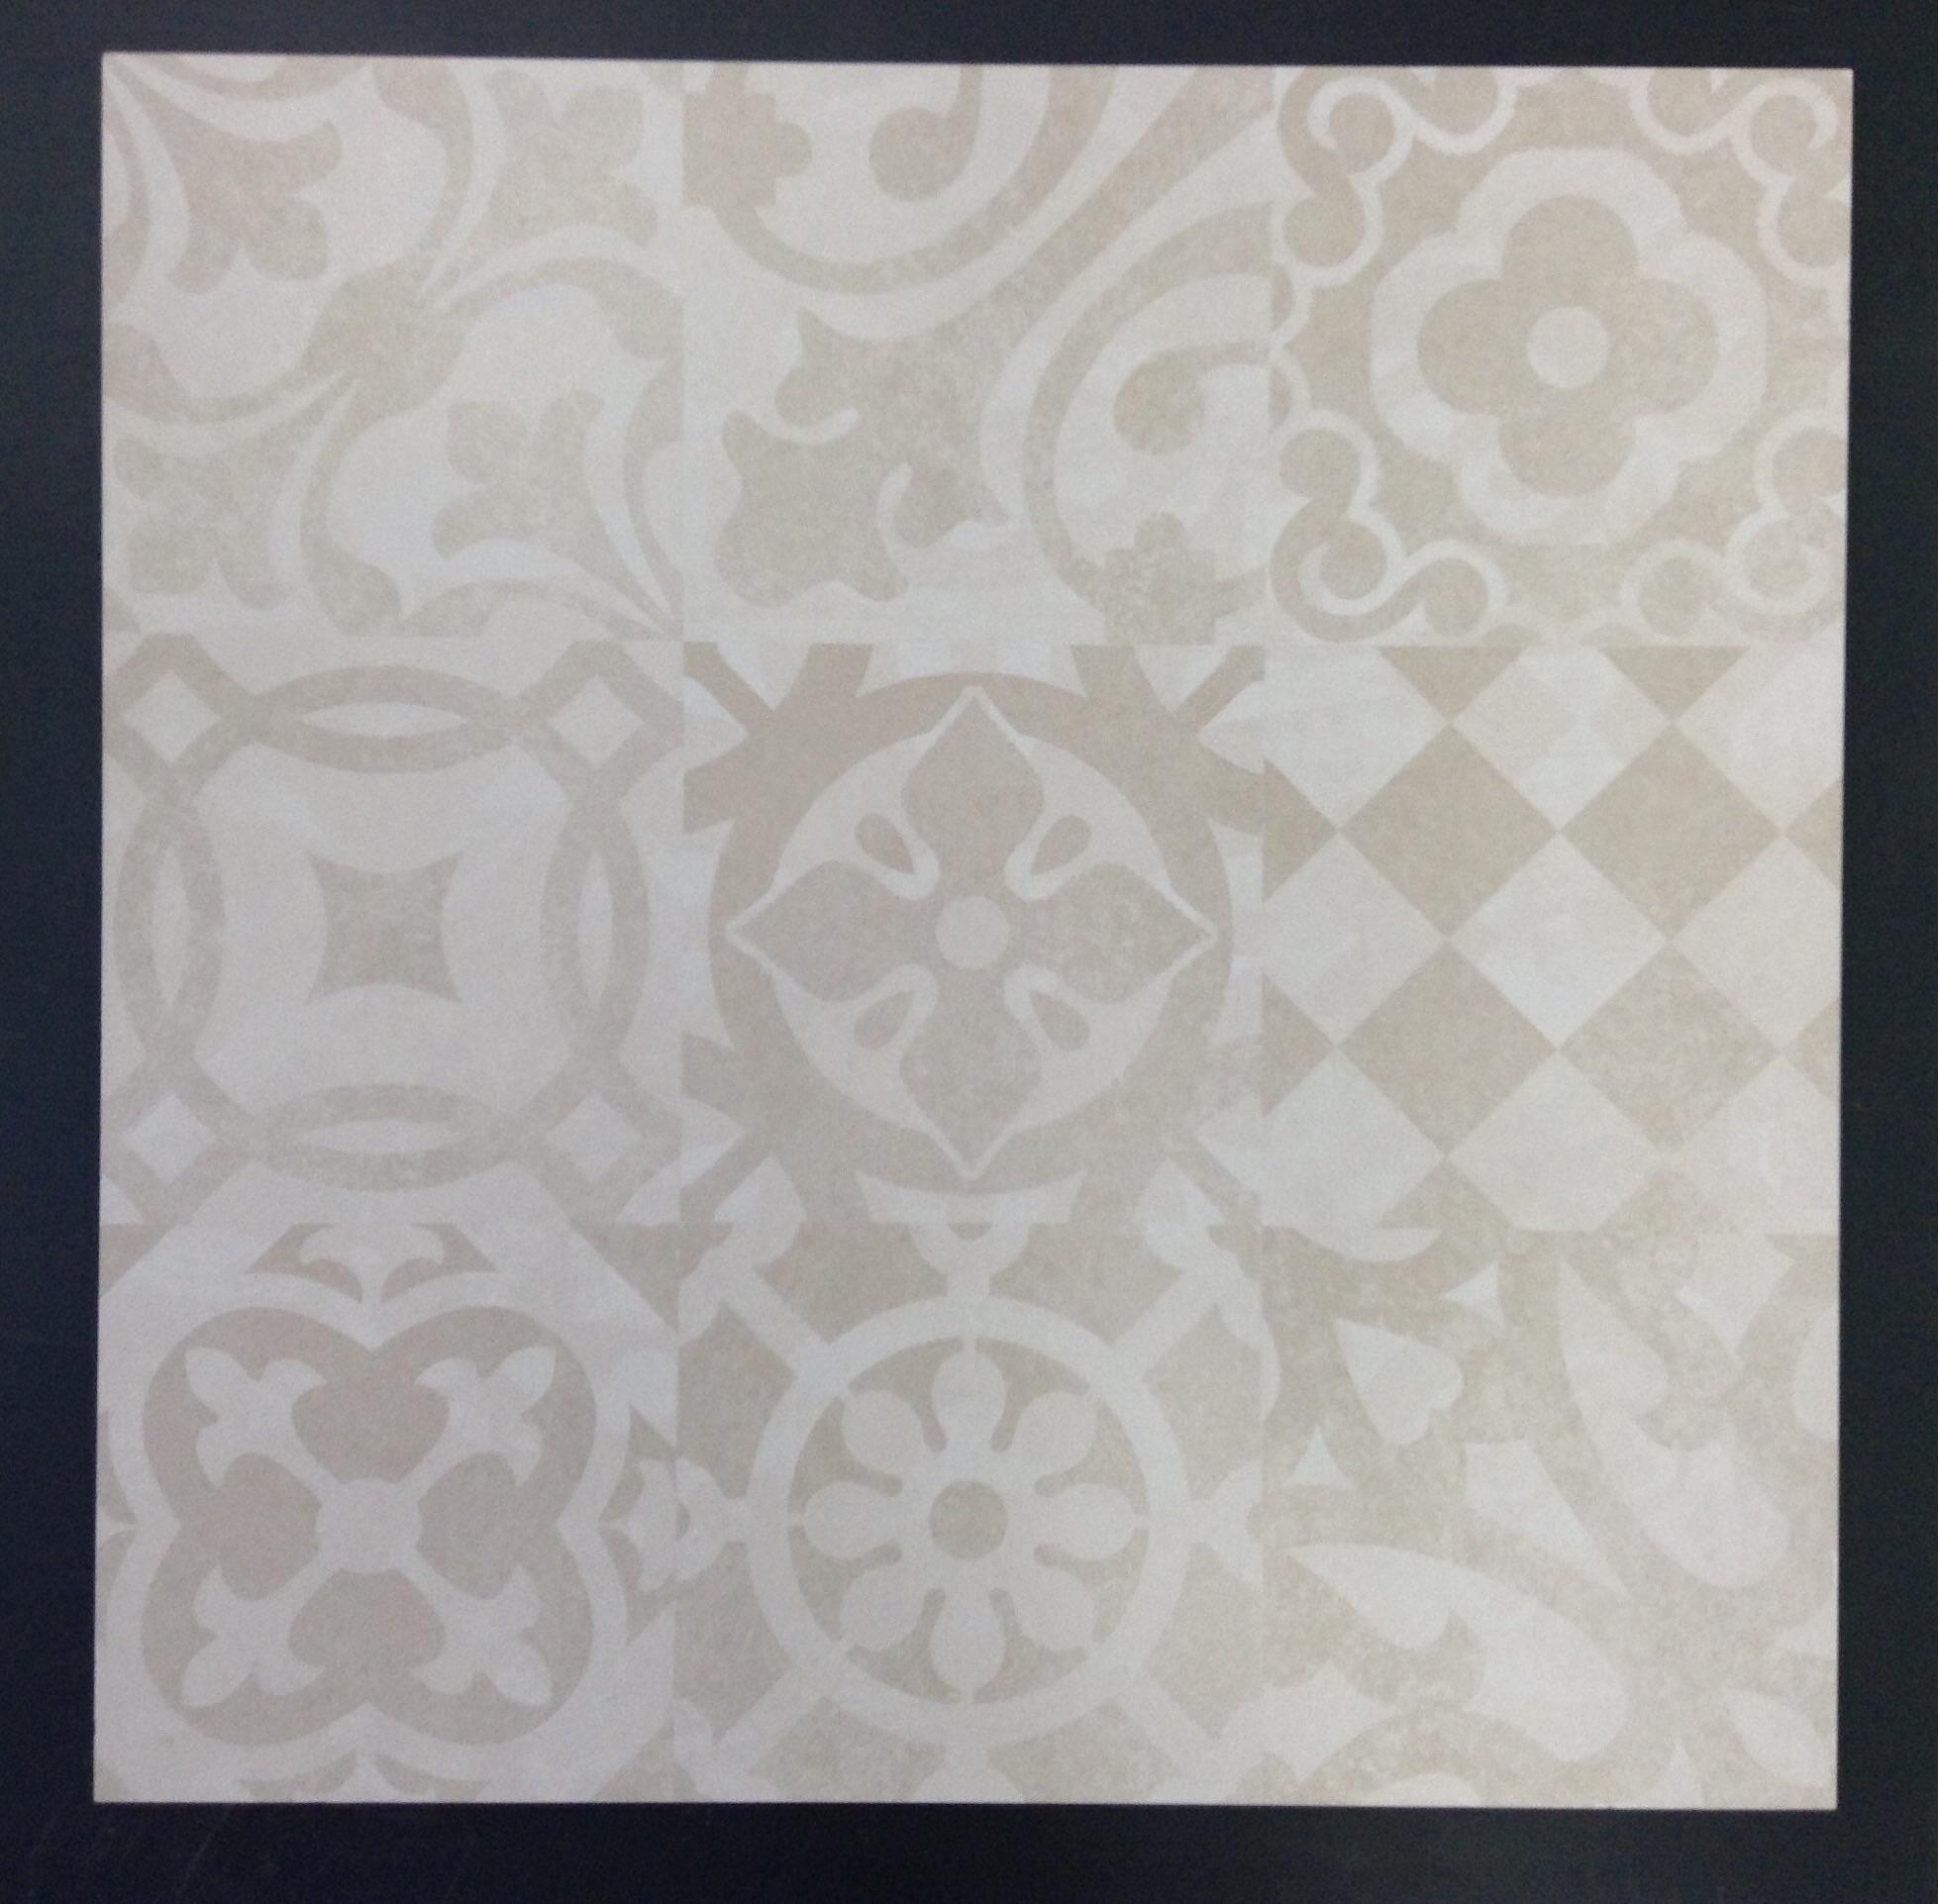 Studio 1 Ivory Nouveau Dec 59 5 X 59 5 Tile Amp Stone Gallery